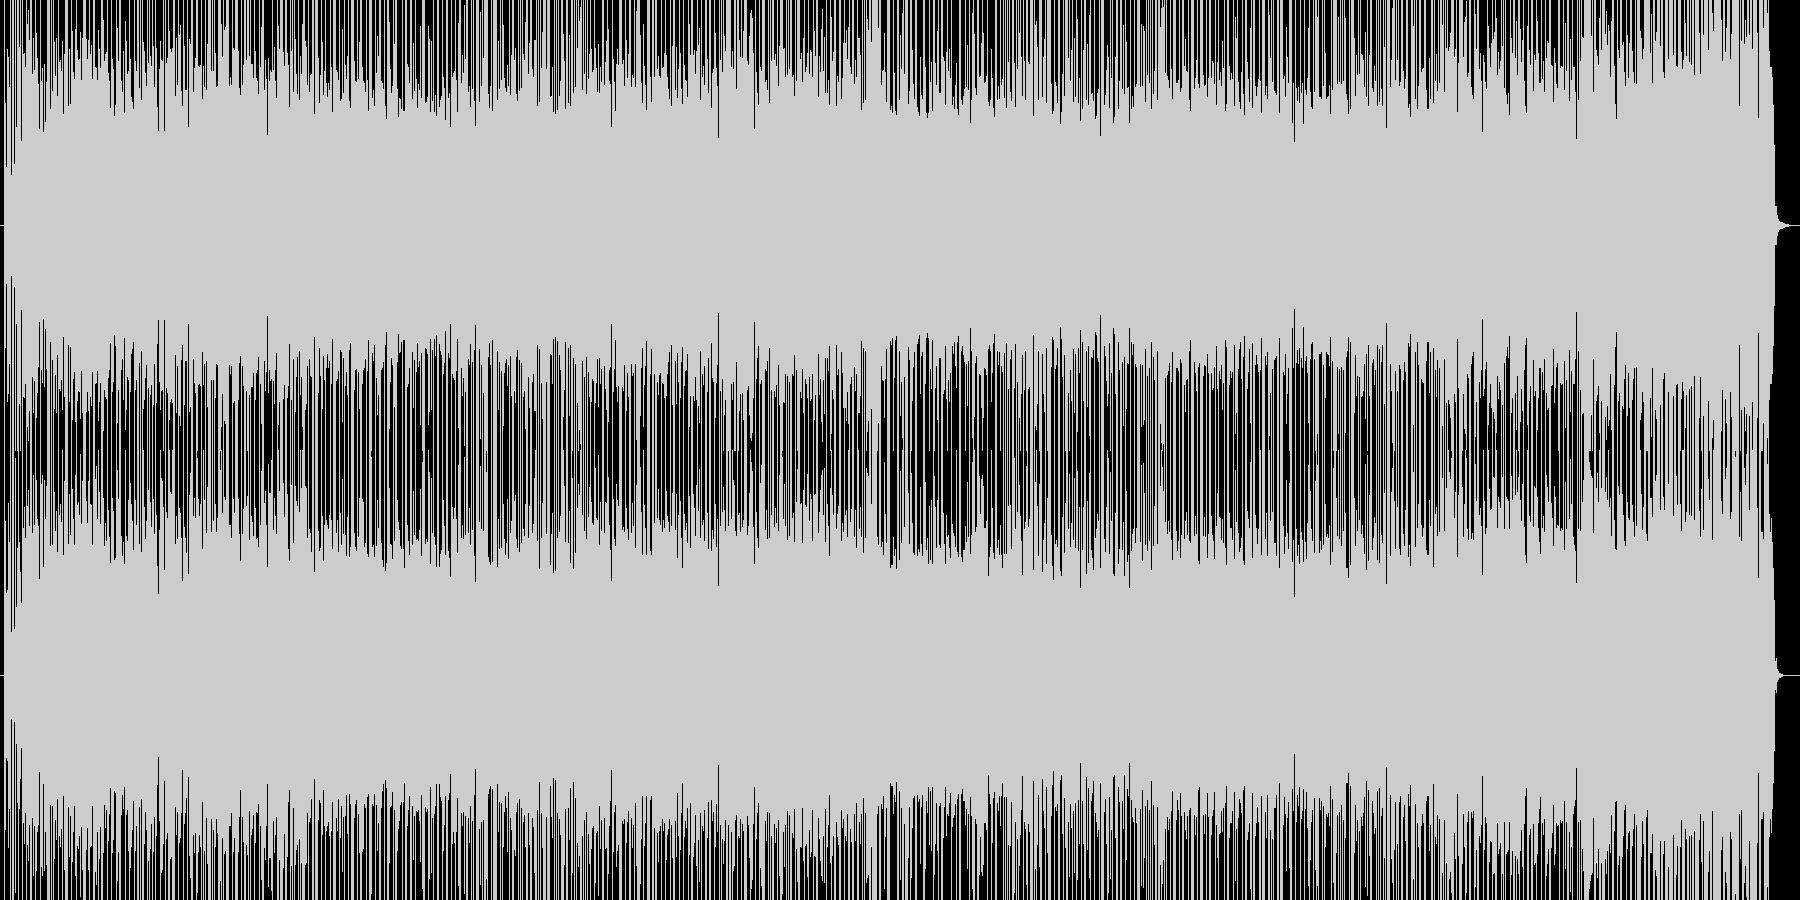 軽快でノリノリのライトフュージョンです。の未再生の波形